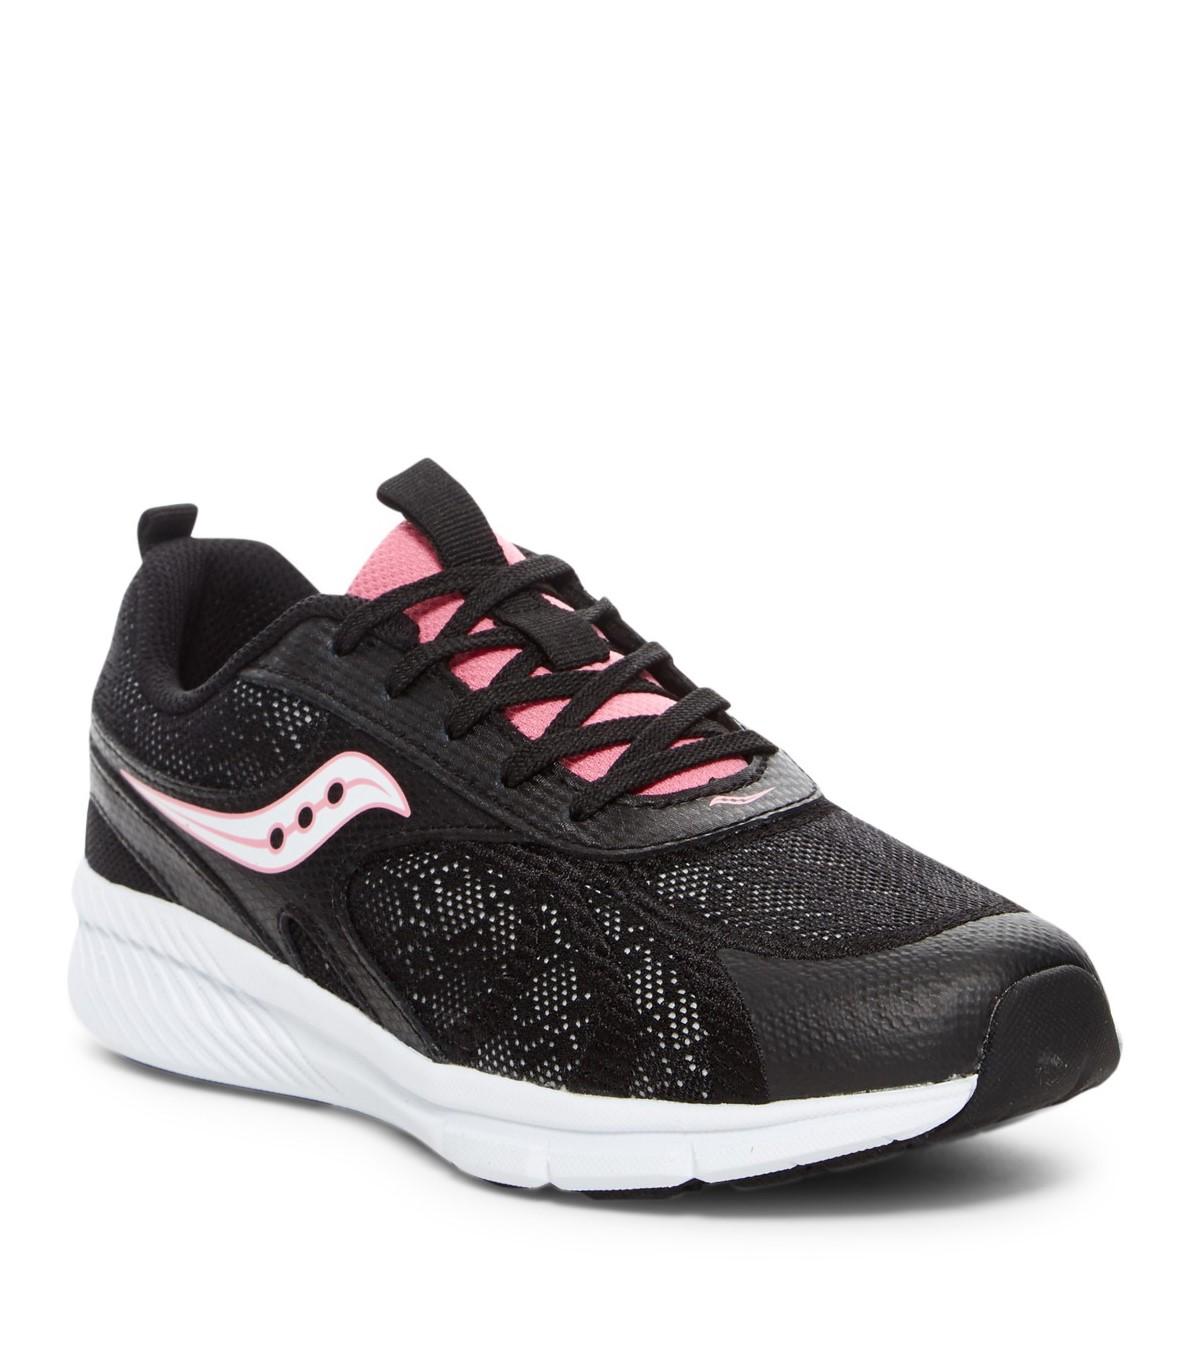 נעלי נשים סקוני צבע שחור/ורוד דגם SY56427